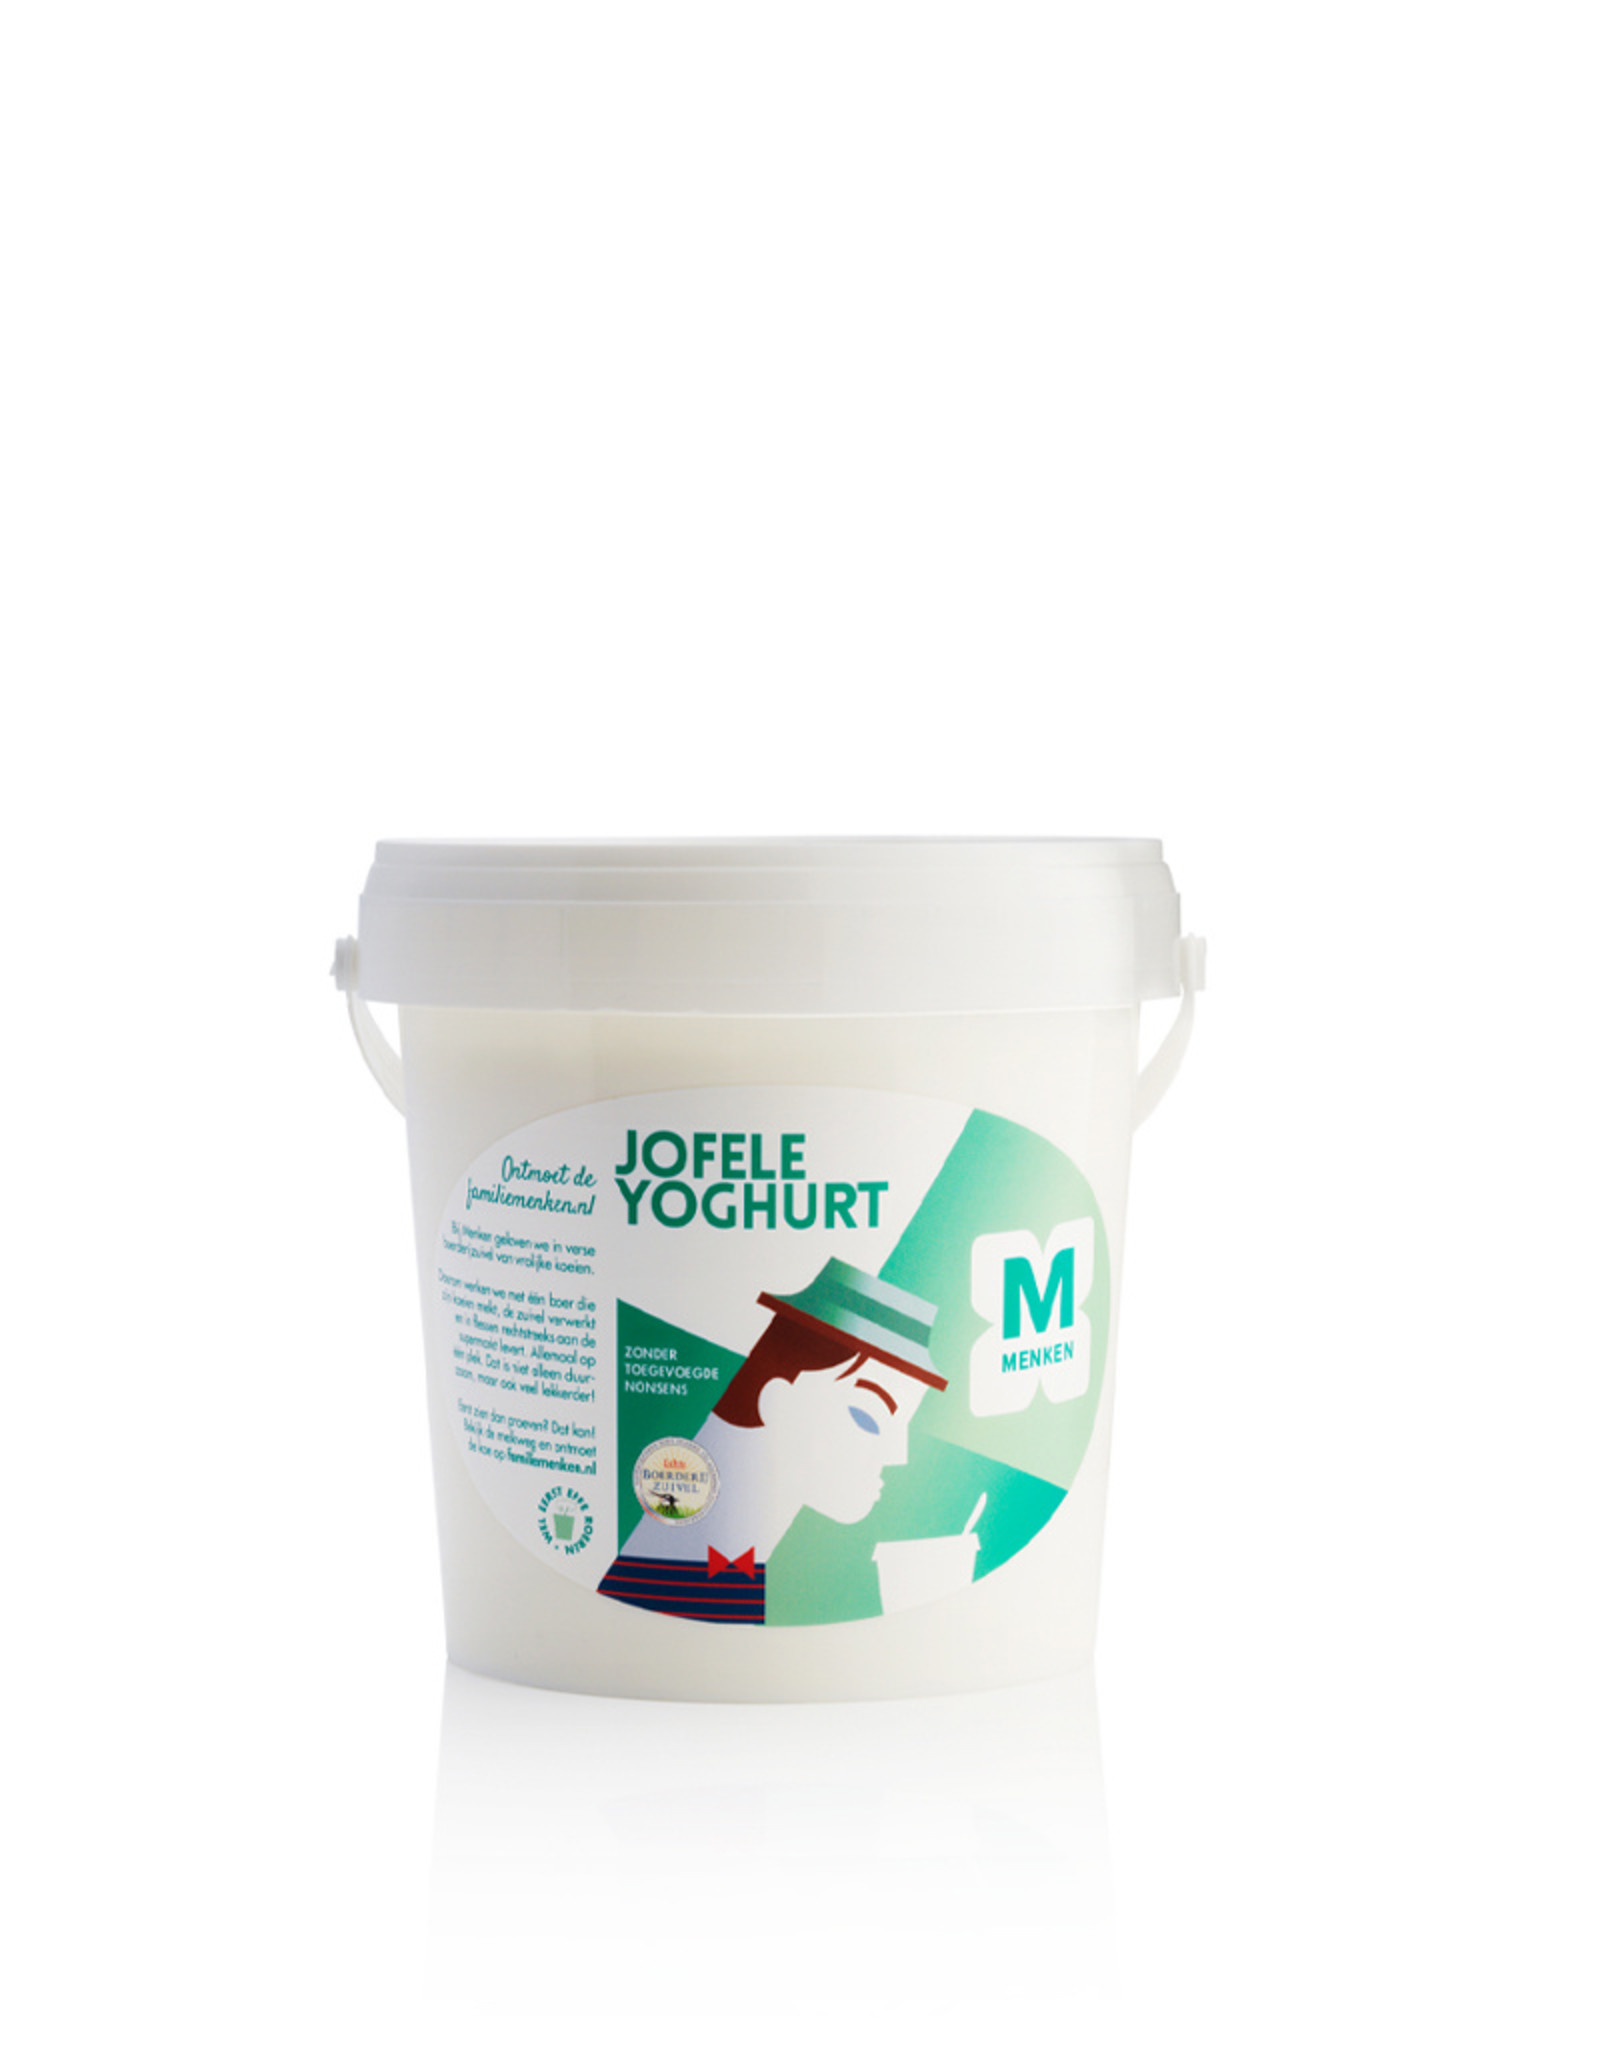 Menken Jofele Yoghurt - emmer